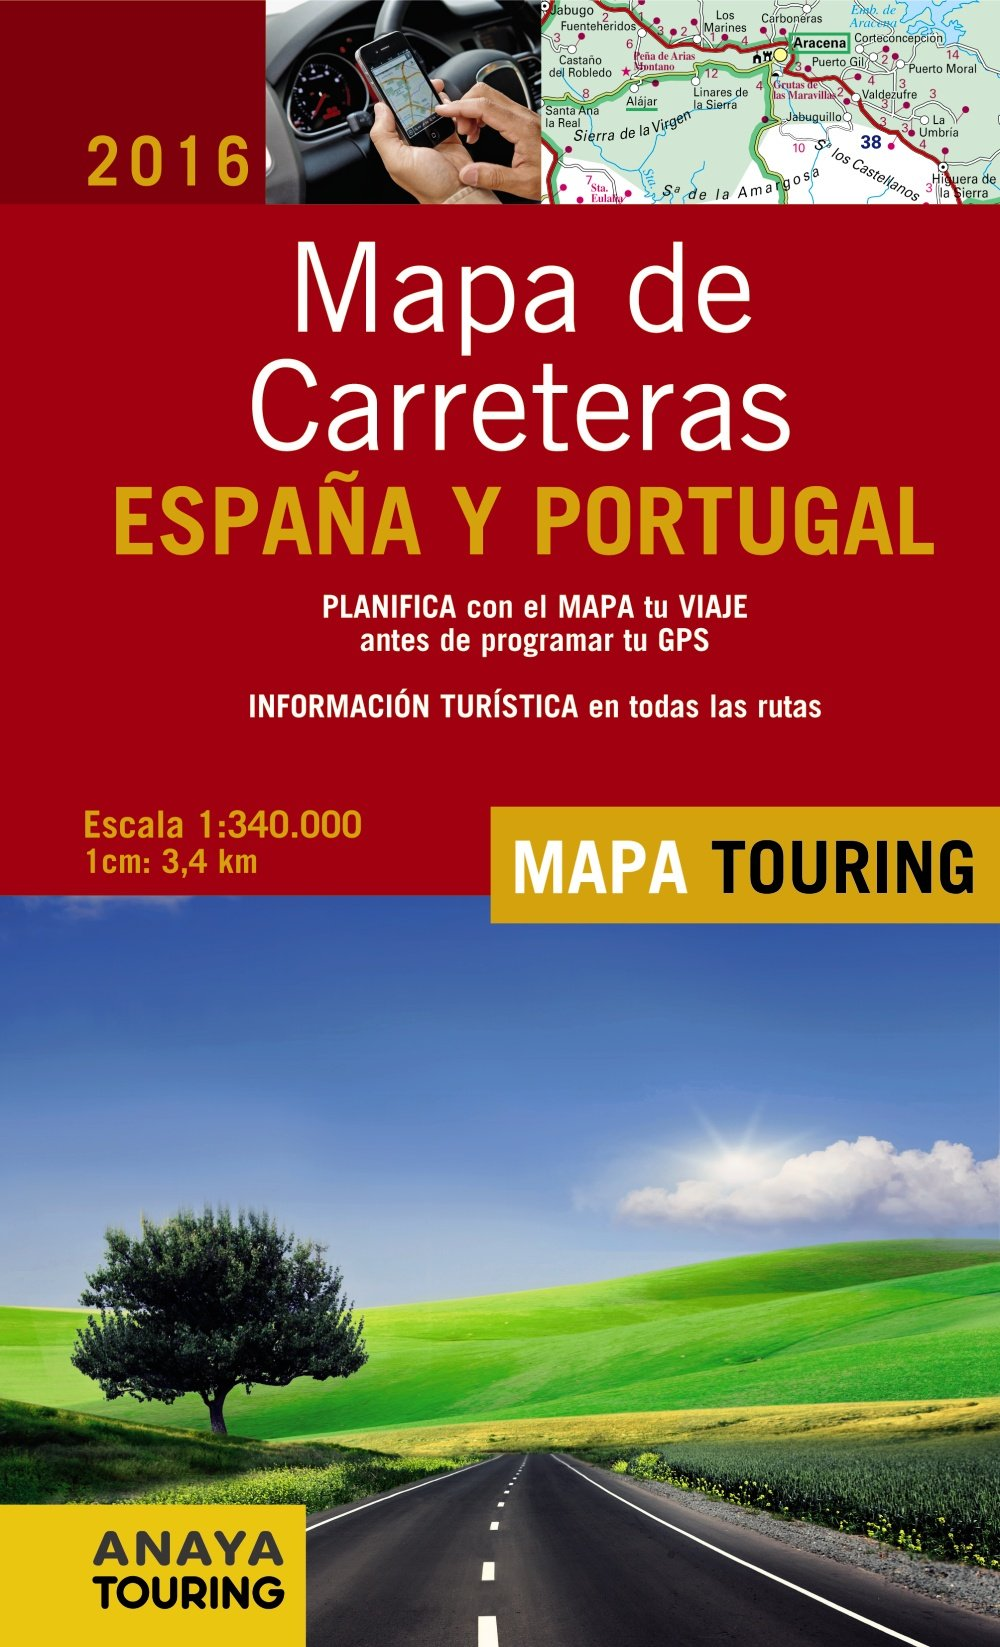 Mapa de Carreteras de España y Portugal 1:340.000, 2016 Mapa Touring: Amazon.es: Anaya Touring: Libros